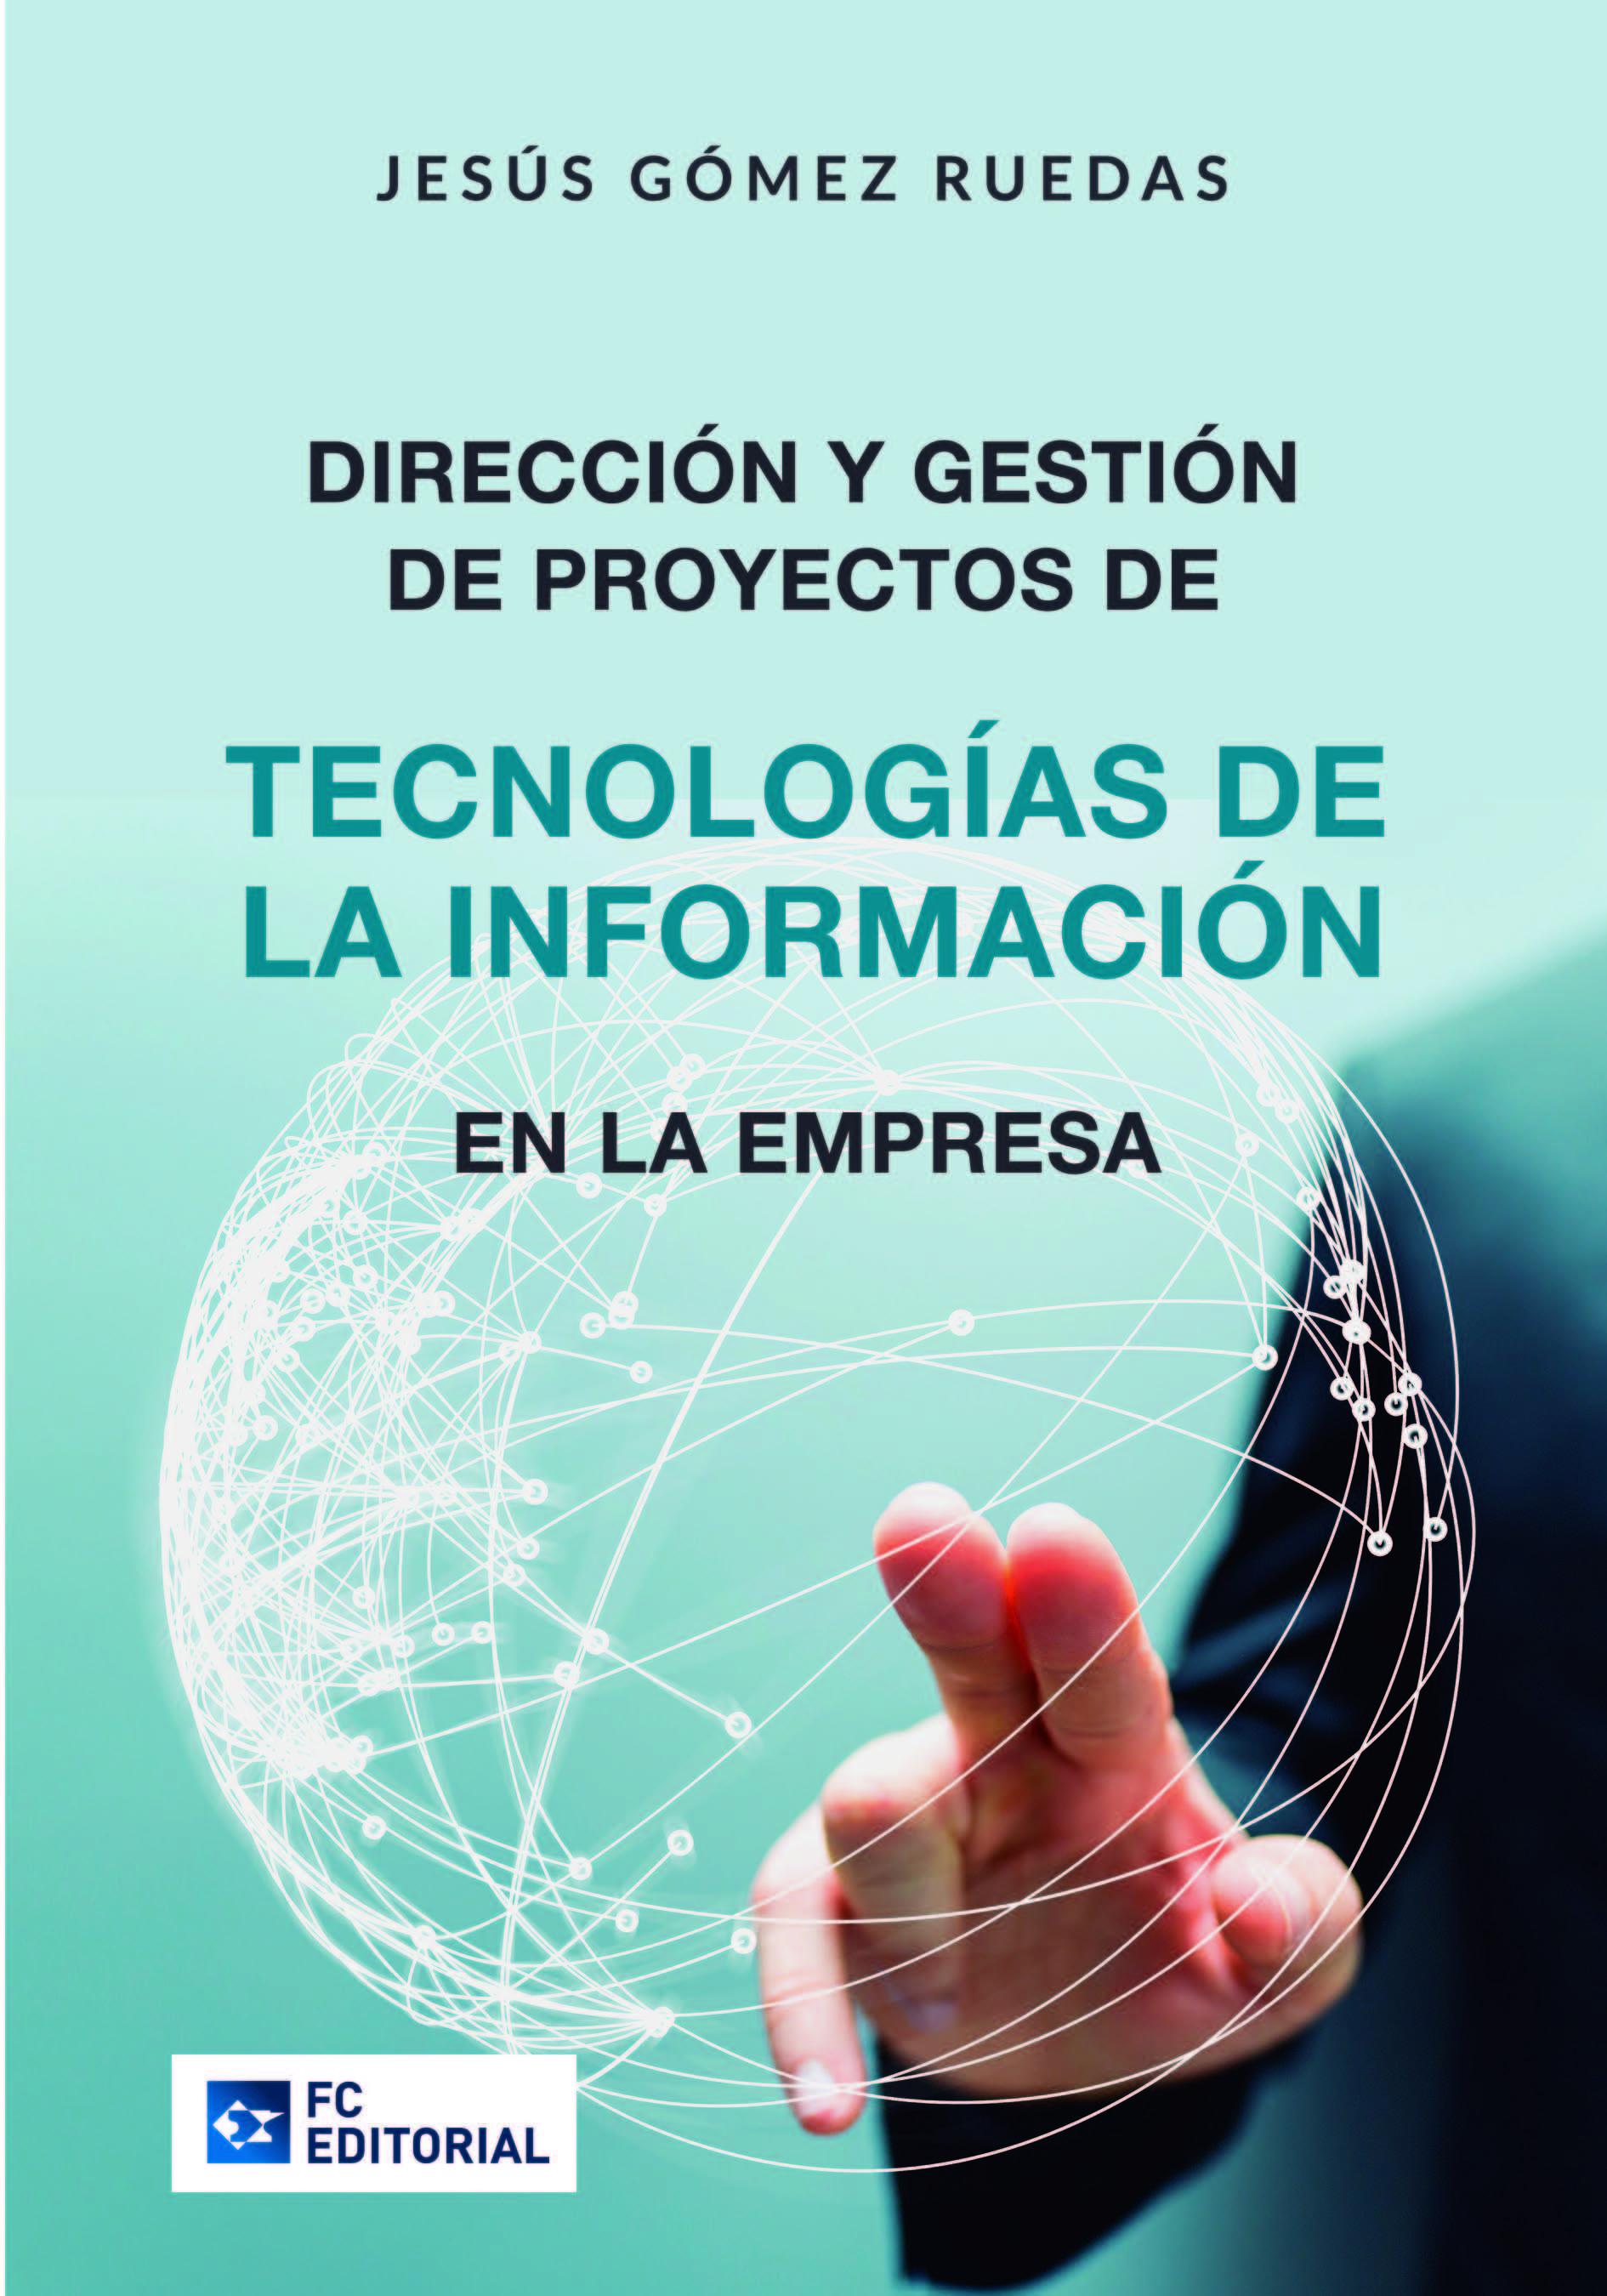 Resultado de imagen para Dirección y gestión de proyectos de tecnologías de la información en la empresa